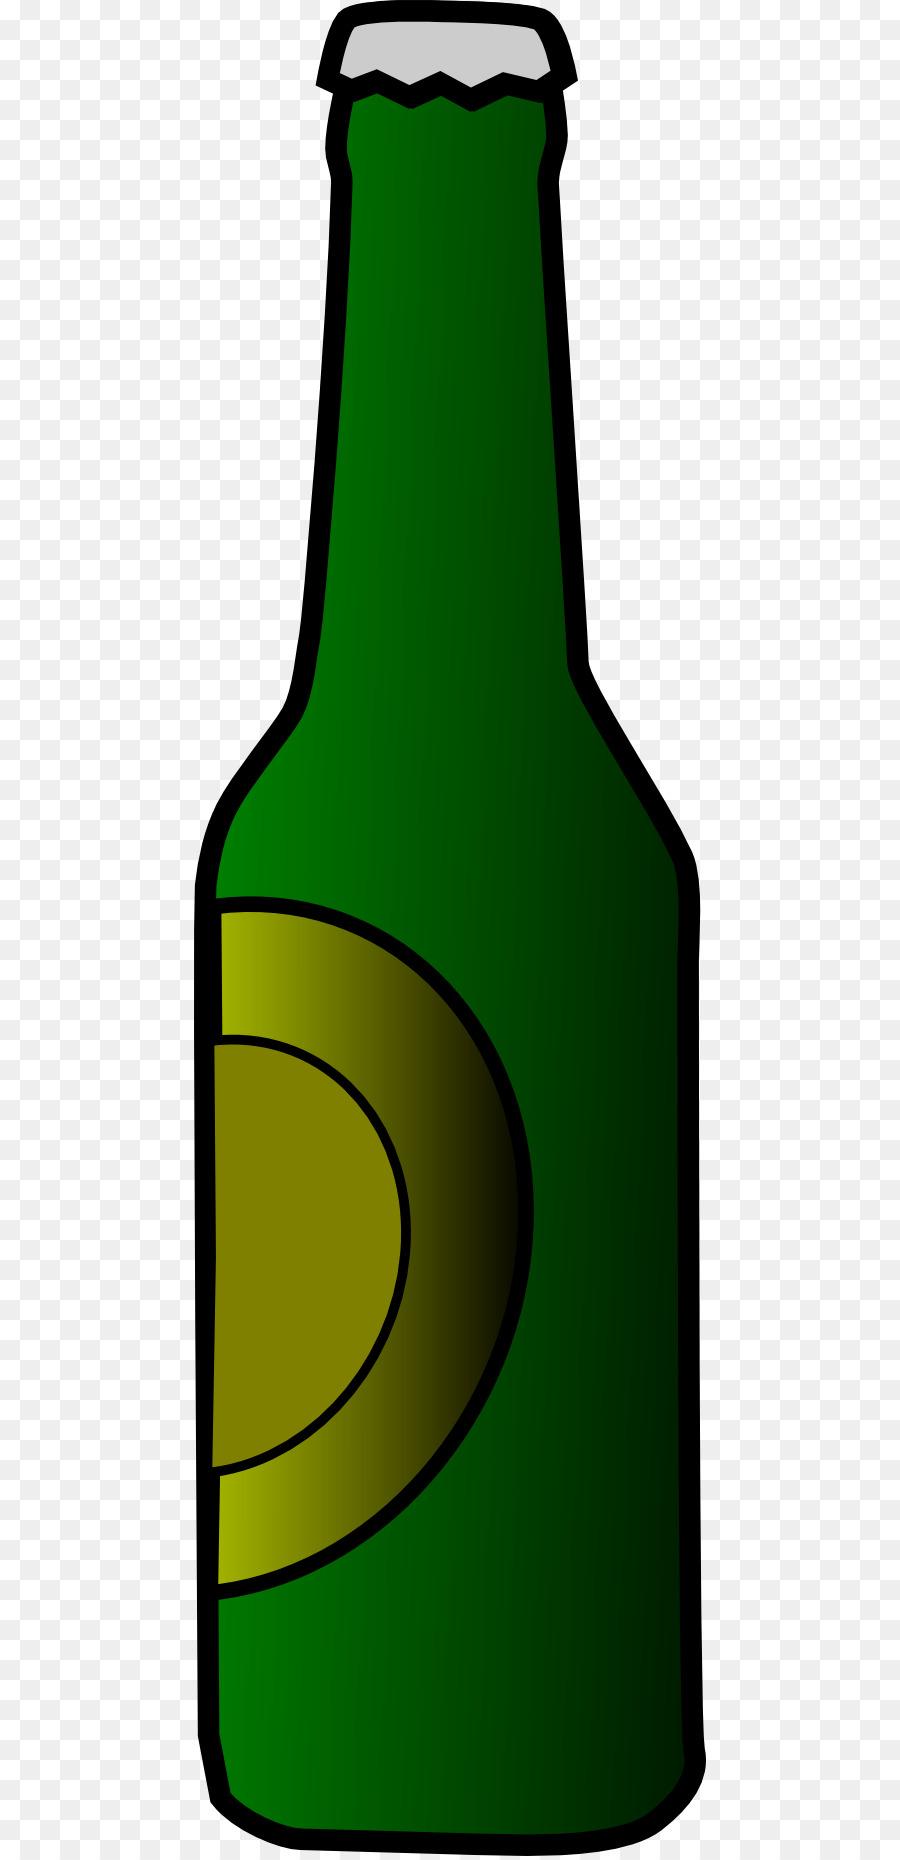 фото мультяшные бутылка картинки этого